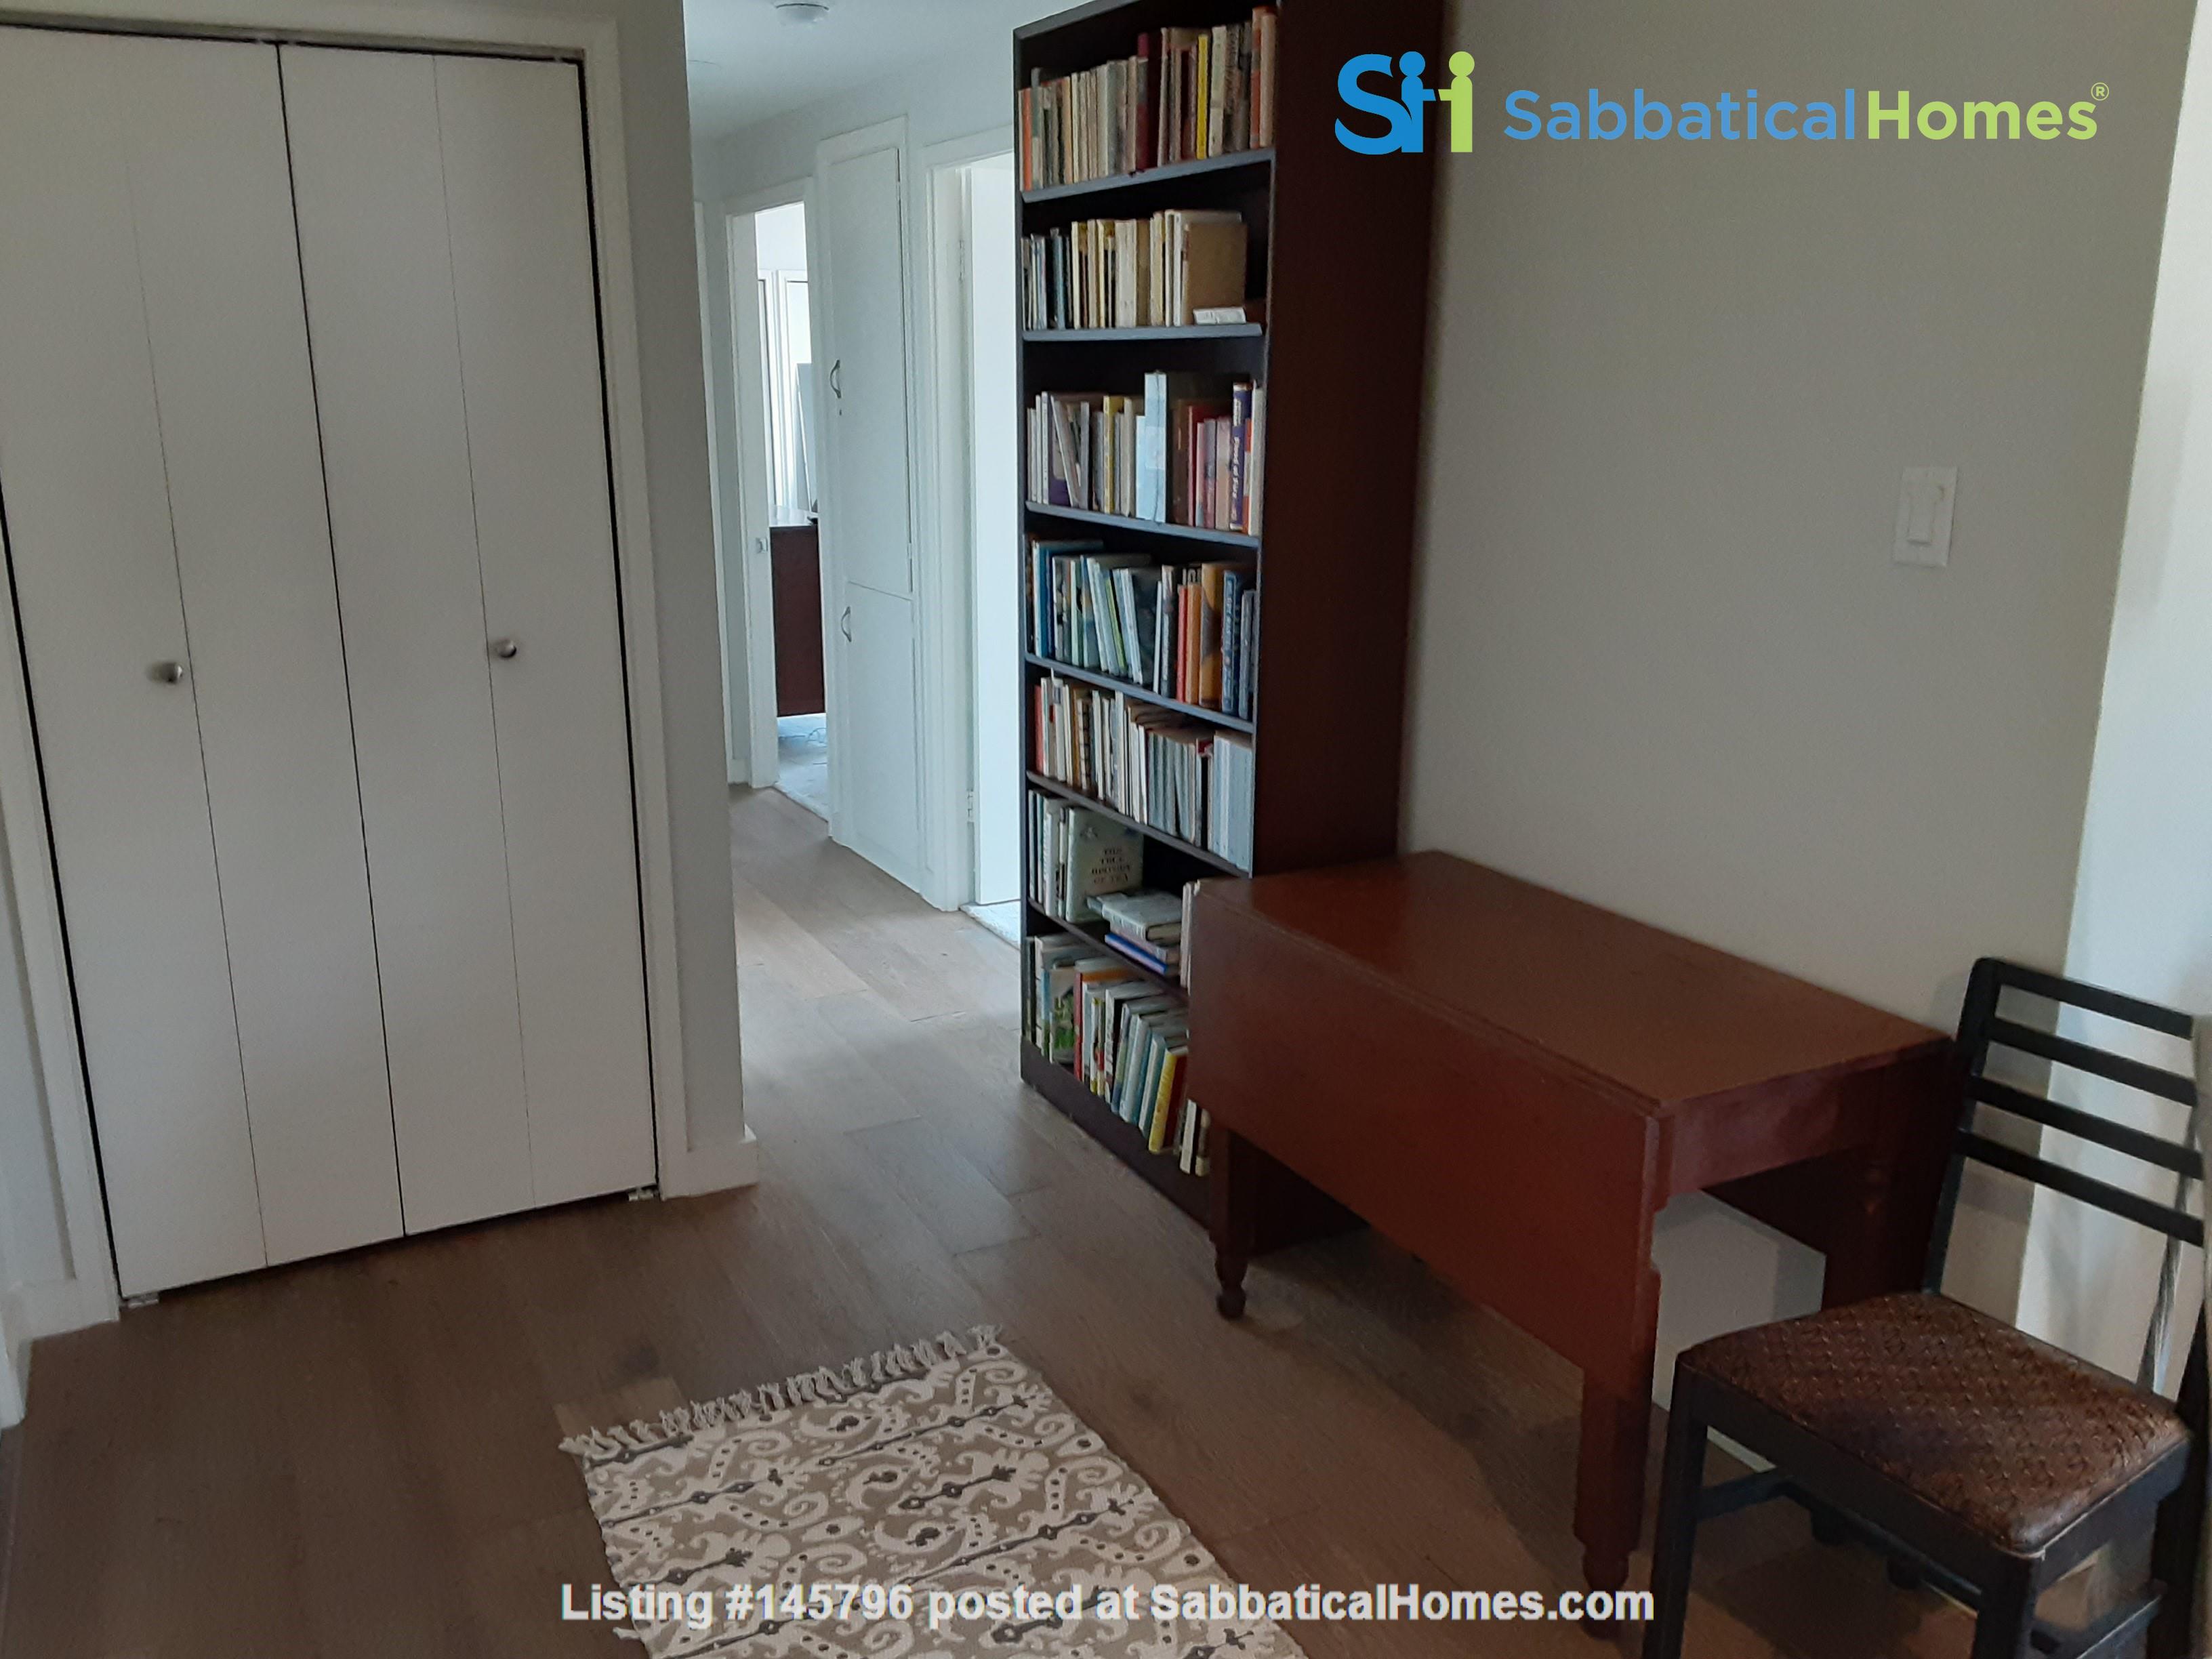 Airy 2-bd, 2-bth condominium facing UT campus. Home Rental in Austin 5